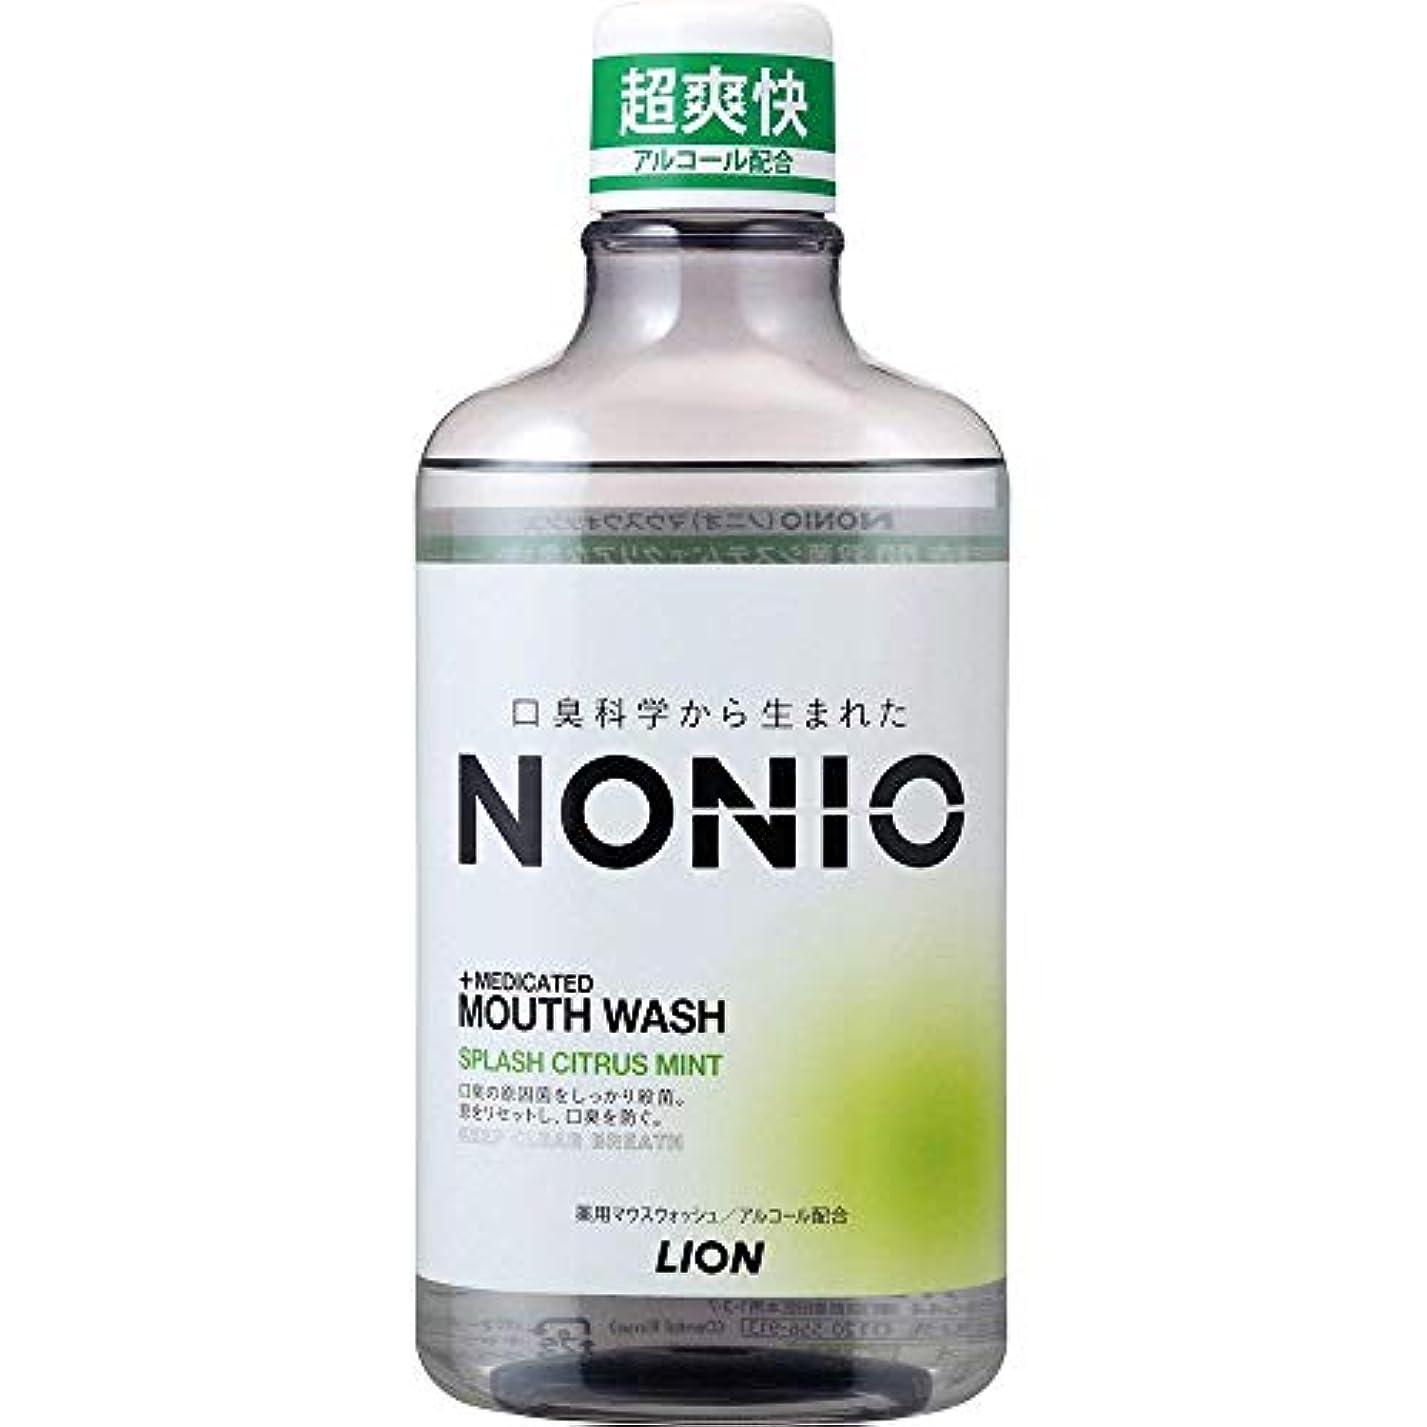 良い頑張る強いNONIO マウスウォッシュ スプラッシュシトラスミント 600ml ×12個